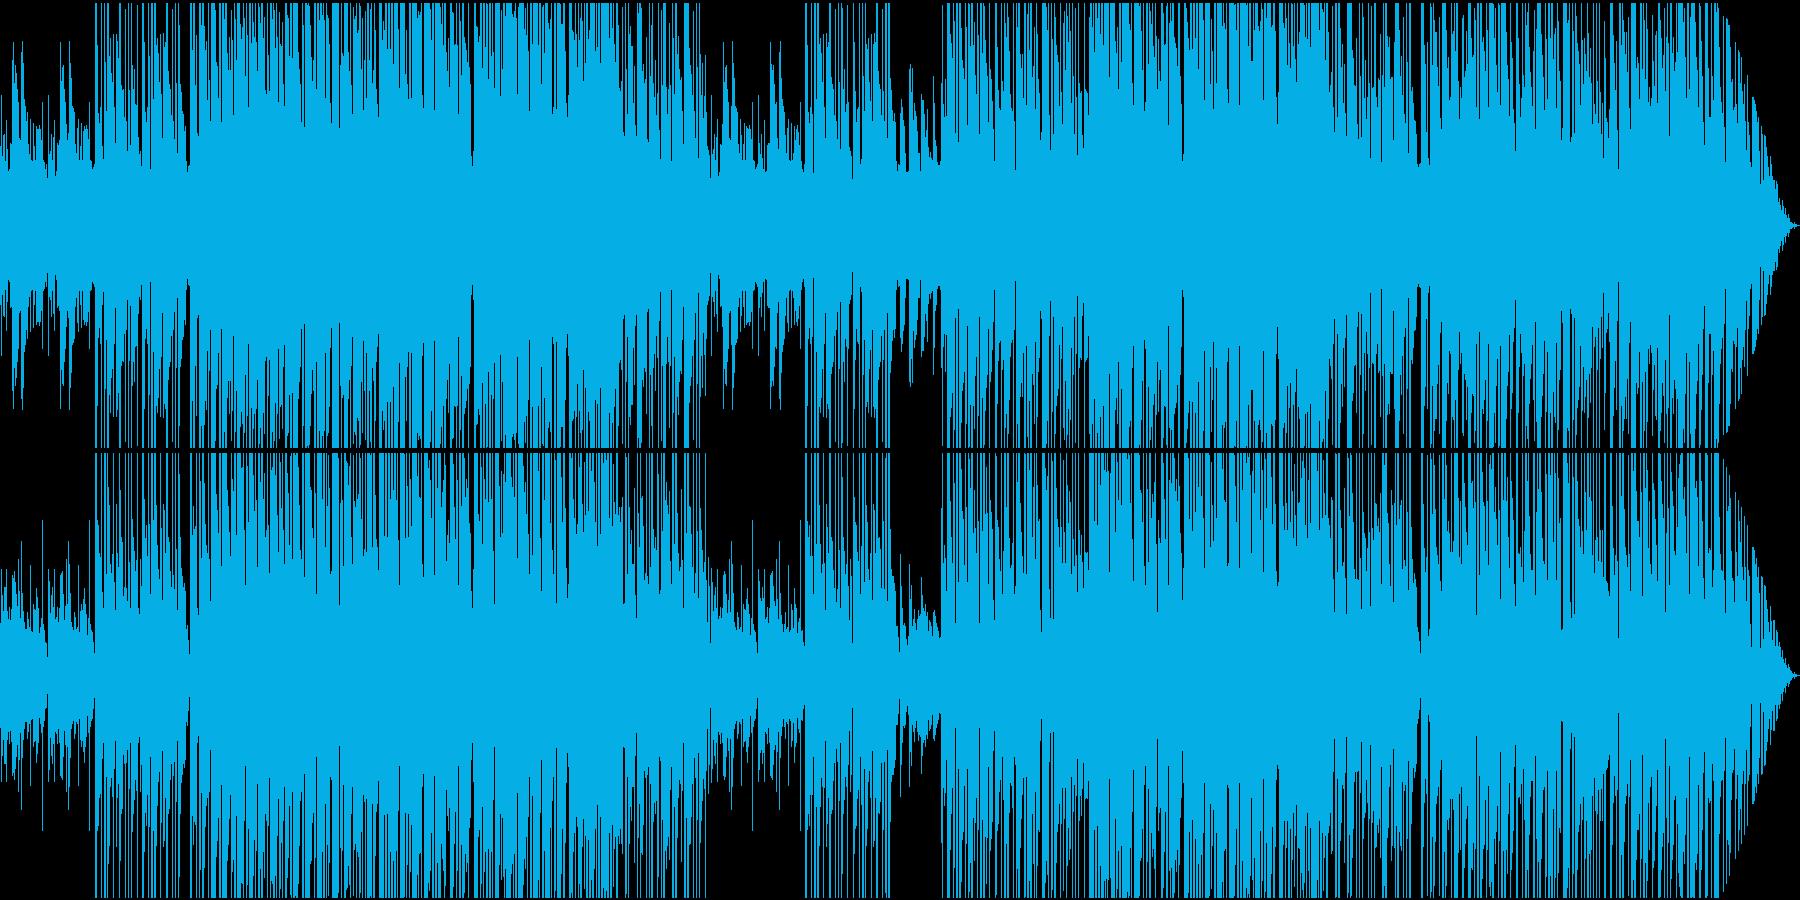 リラック系静かなバラードジャズギターメロの再生済みの波形